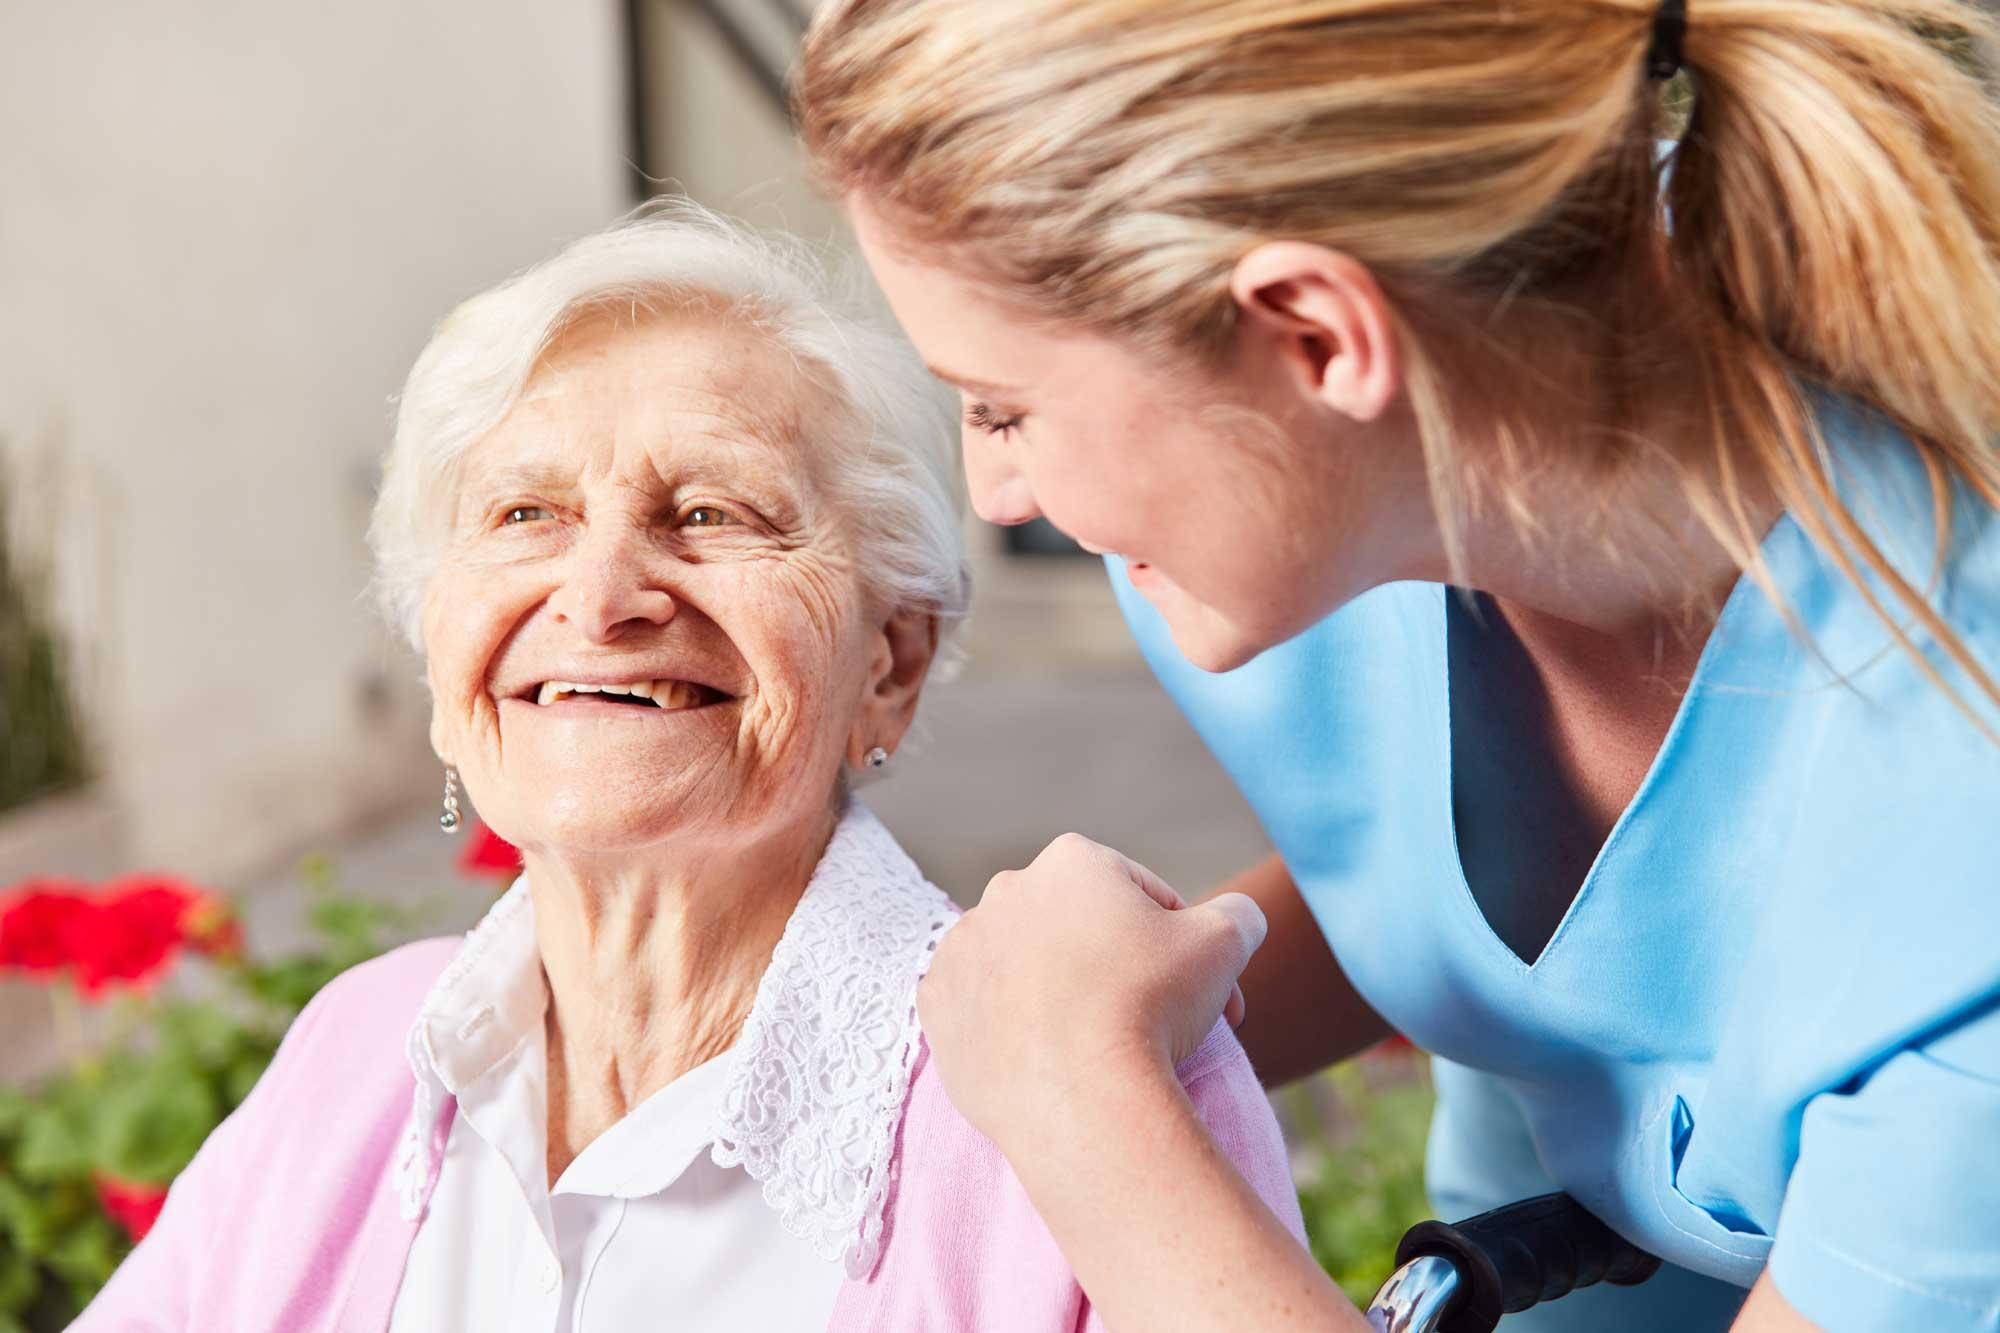 La dénutrition chez les personnes âgées : comment y remédier ?